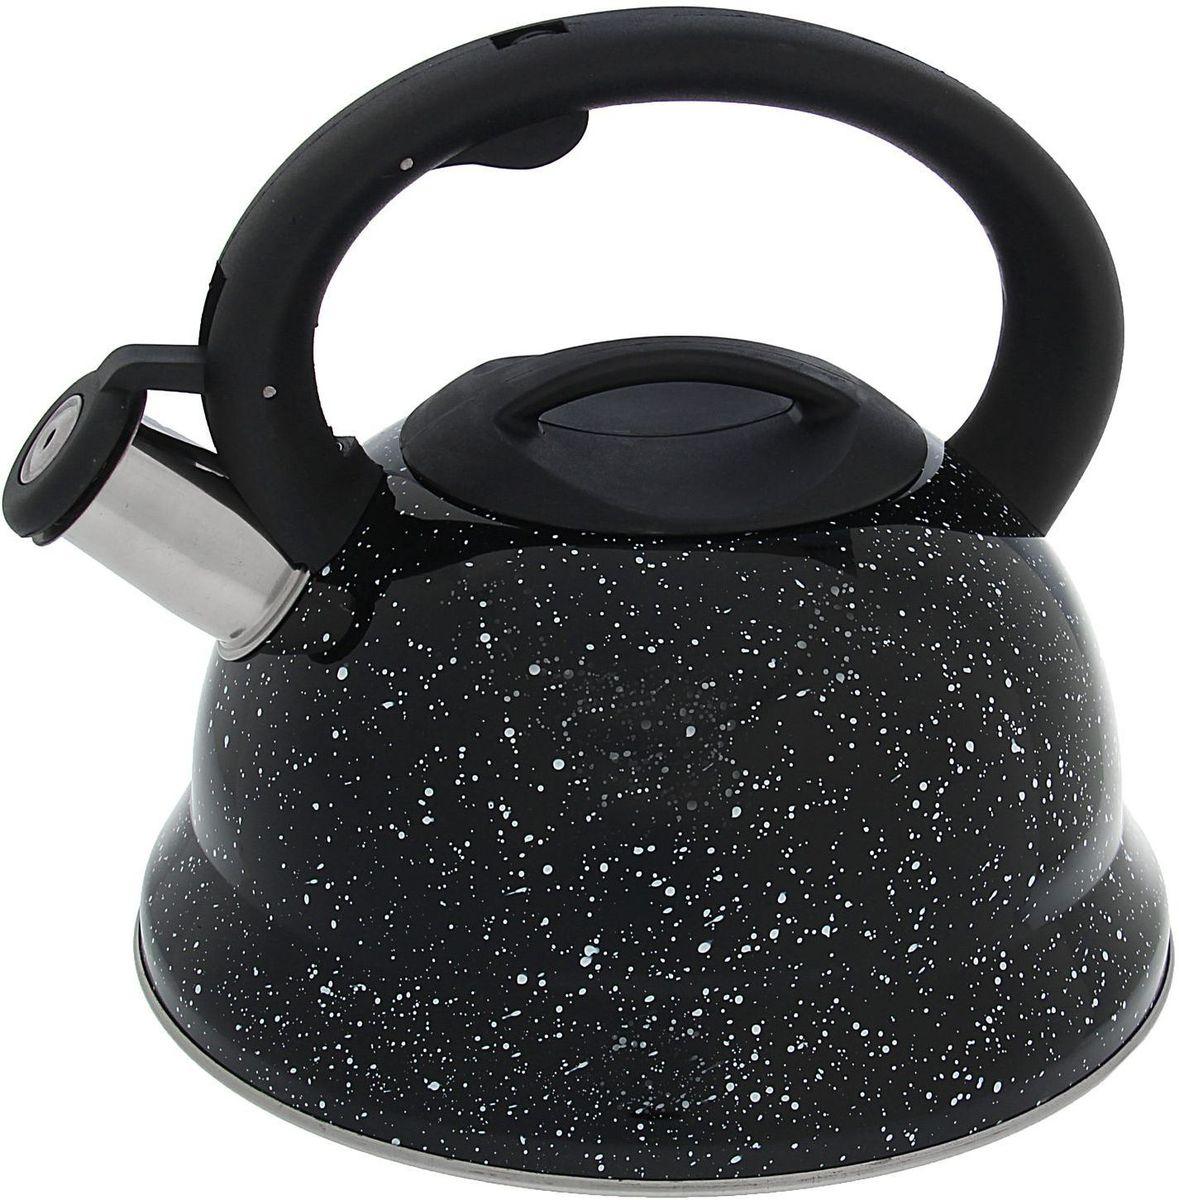 Чайник Доляна Рио, со свистком, цвет: черный, 2,8 л1405205Бытовая посуда из нержавеющей стали славится неприхотливостью в уходе и безукоризненной функциональностью. Коррозиестойкий сплав обеспечивает гигиеничность изделий. Чайники из этого материала абсолютно безопасны для здоровья человека. Чем привлекательна посуда из нержавейки? Чайник из нержавеющей стали станет удачной находкой для дома или ресторана: благодаря низкой теплопроводности модели вода дольше остается горячей; необычный дизайн радует глаз и поднимает настроение; качественное дно гарантирует быстрый нагрев. Как продлить срок службы? Ухаживать за новым приобретением элементарно просто, но стоит помнить о нескольких нехитрых правилах. Во-первых, не следует применять абразивные инструменты и сильнохлорированные моющие средства. Во-вторых, не оставляйте пустую посуду на плите. В-третьих, если вы уезжаете из дома на длительное время - выливайте воду из чайника. Если на внутренней поверхности изделия появились пятна, используйте для их удаления несколько капель уксусной или лимонной...